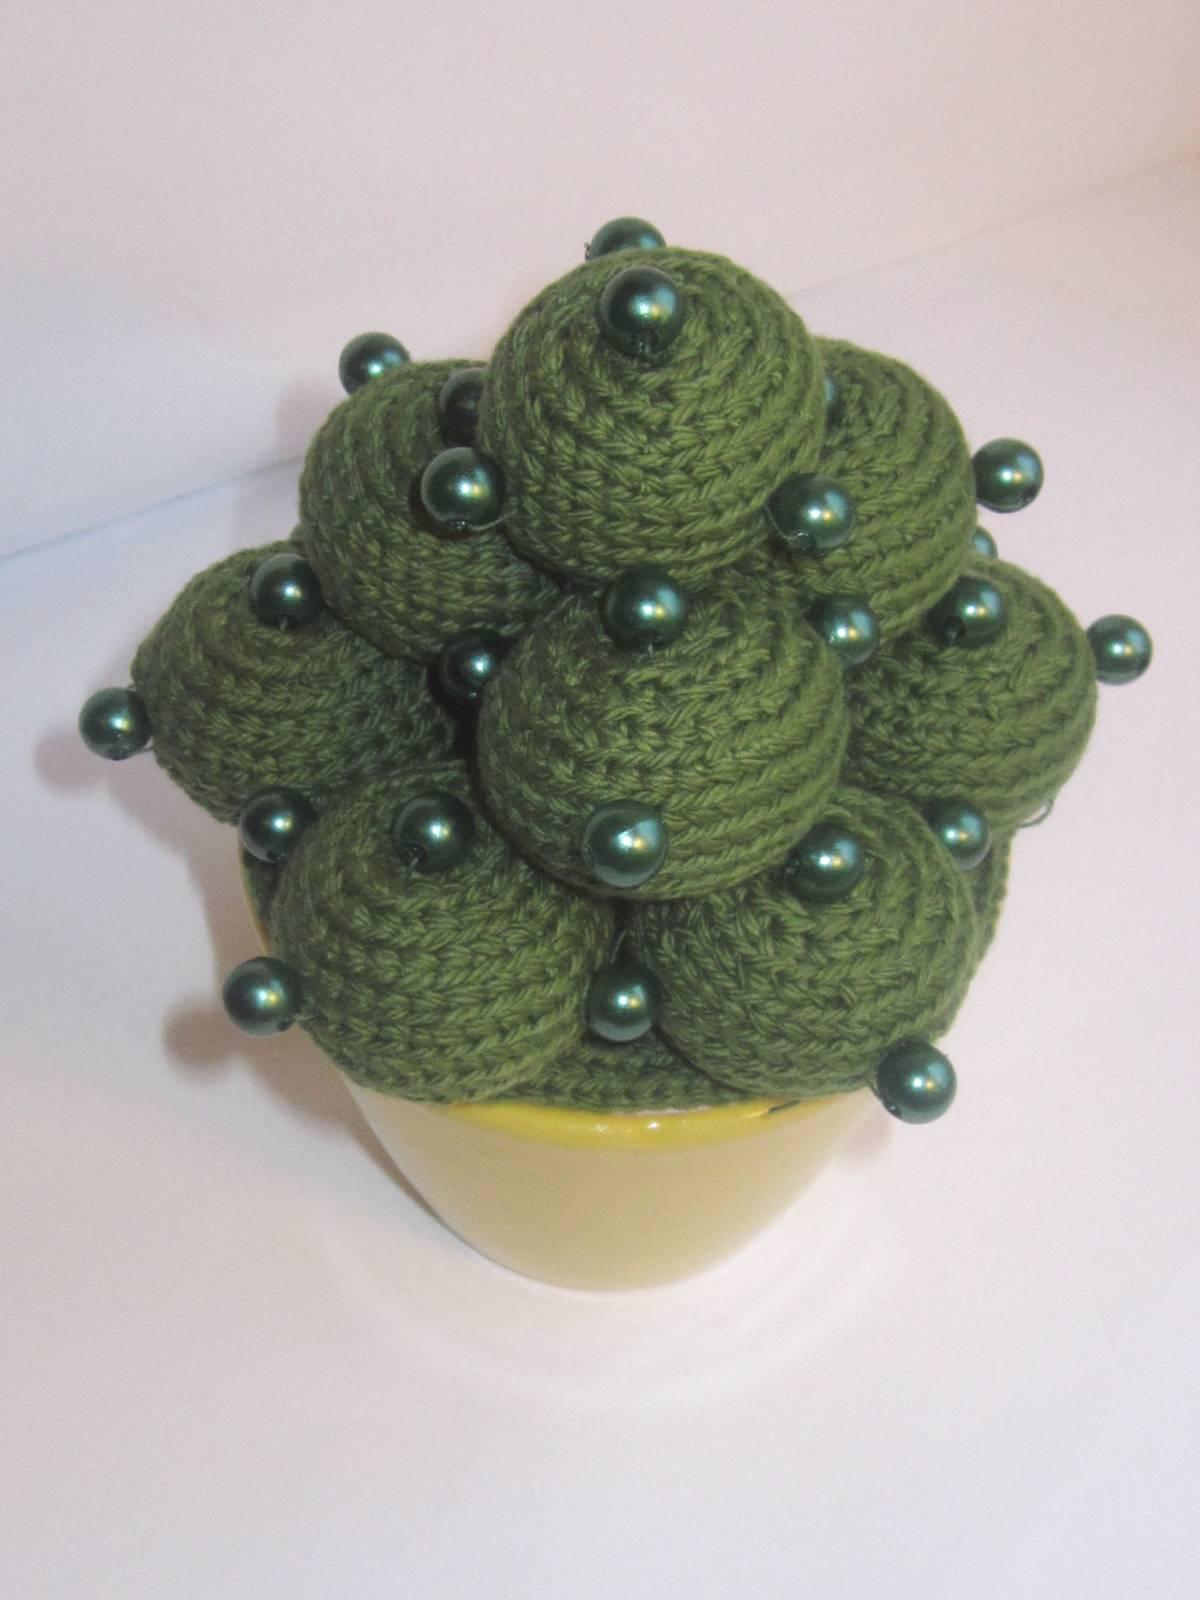 Вязаный крючком кактус описание фото